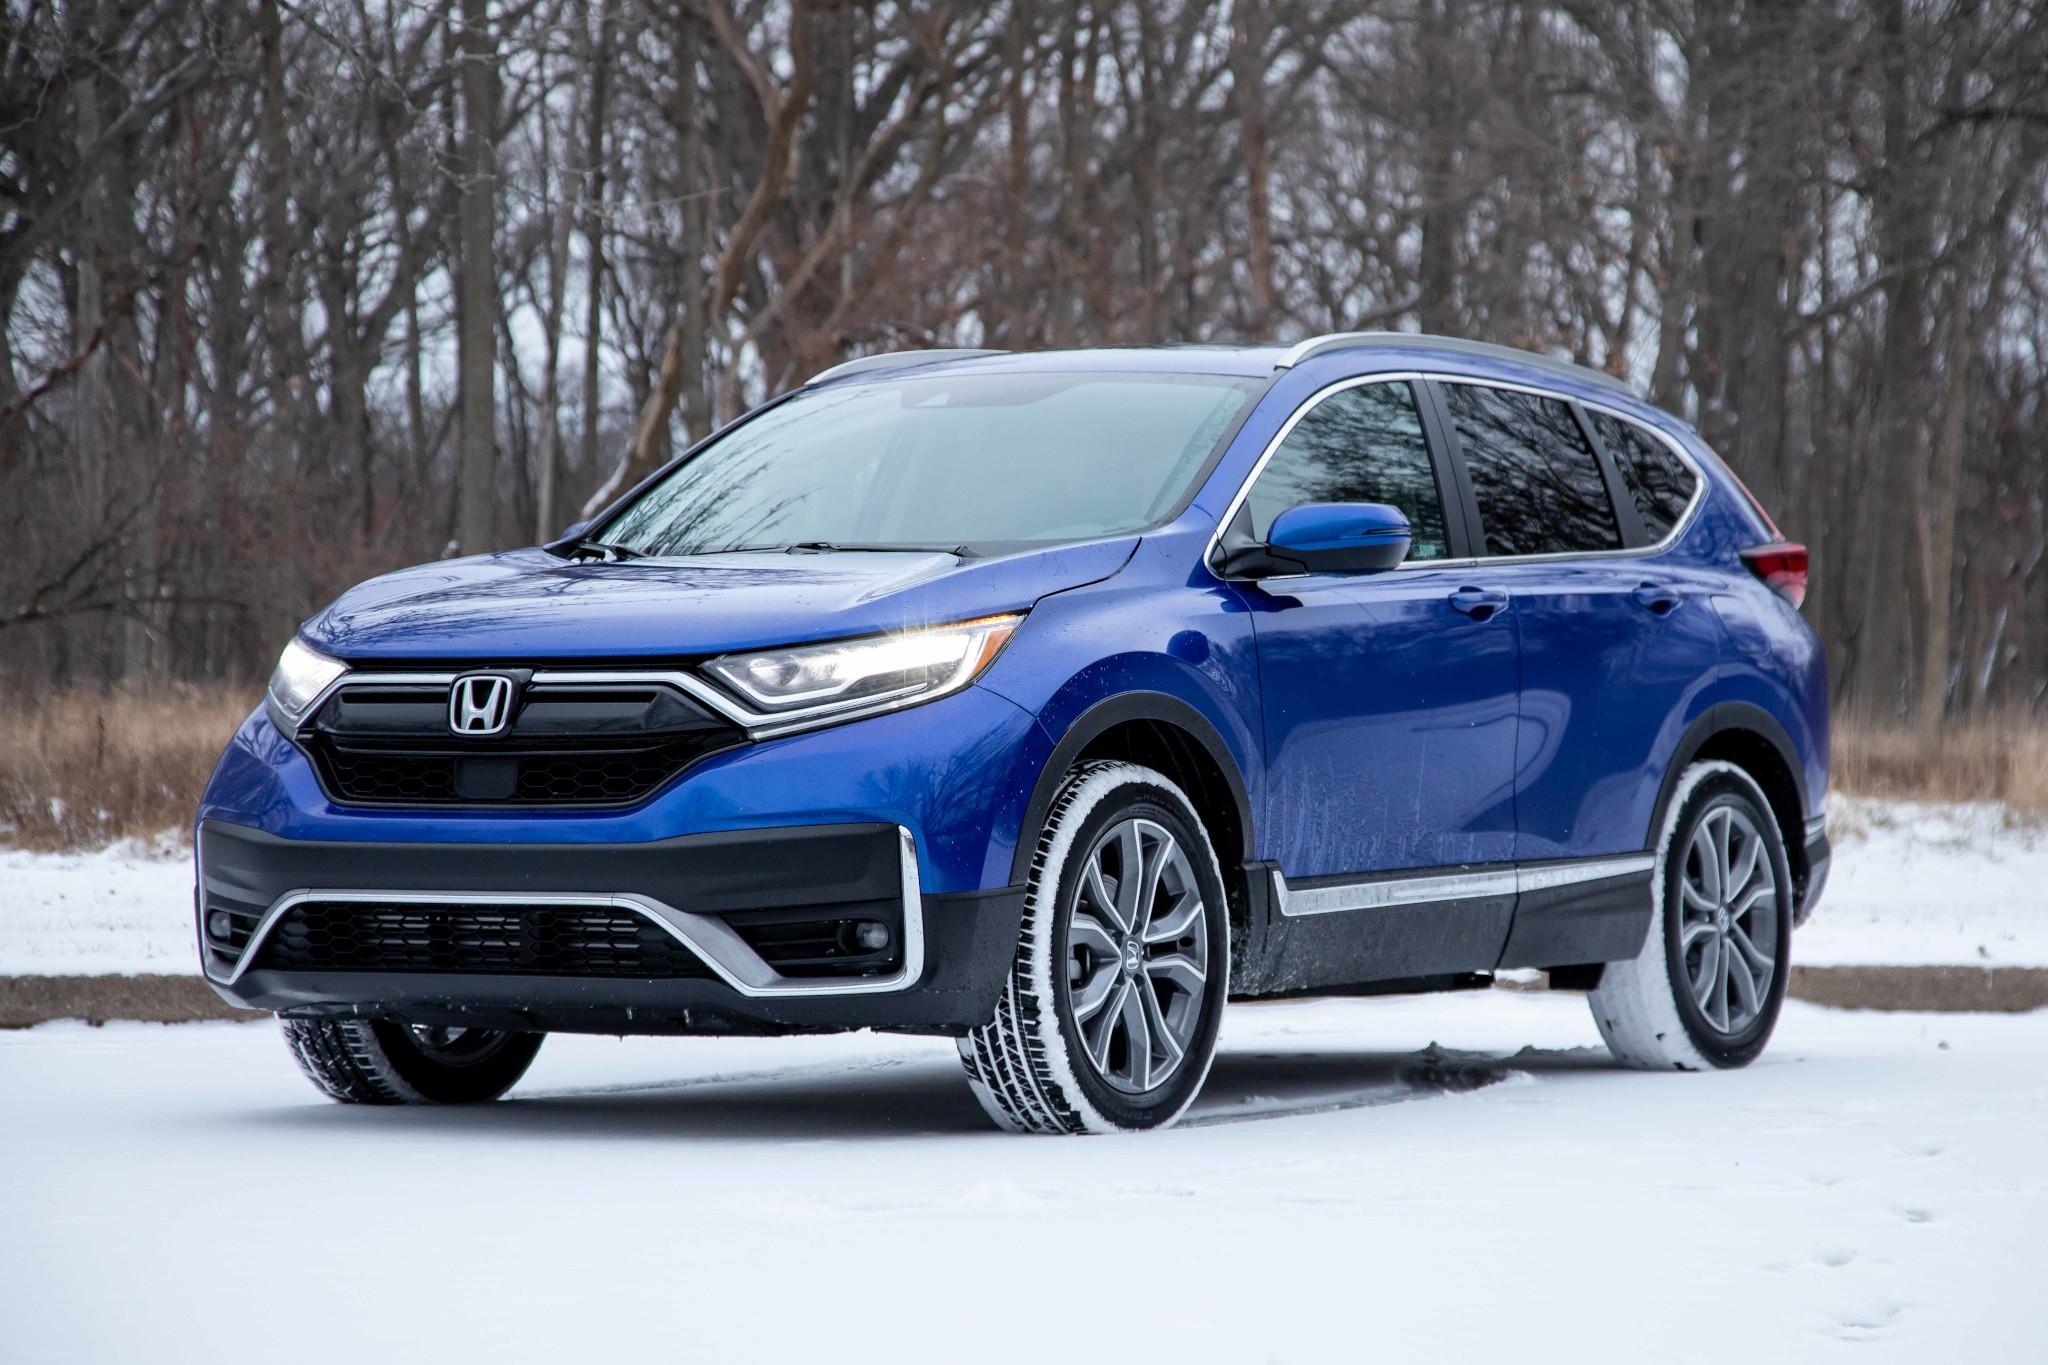 2020 Honda CR-V Review: A Little Better, a Lot More Hybrid ...